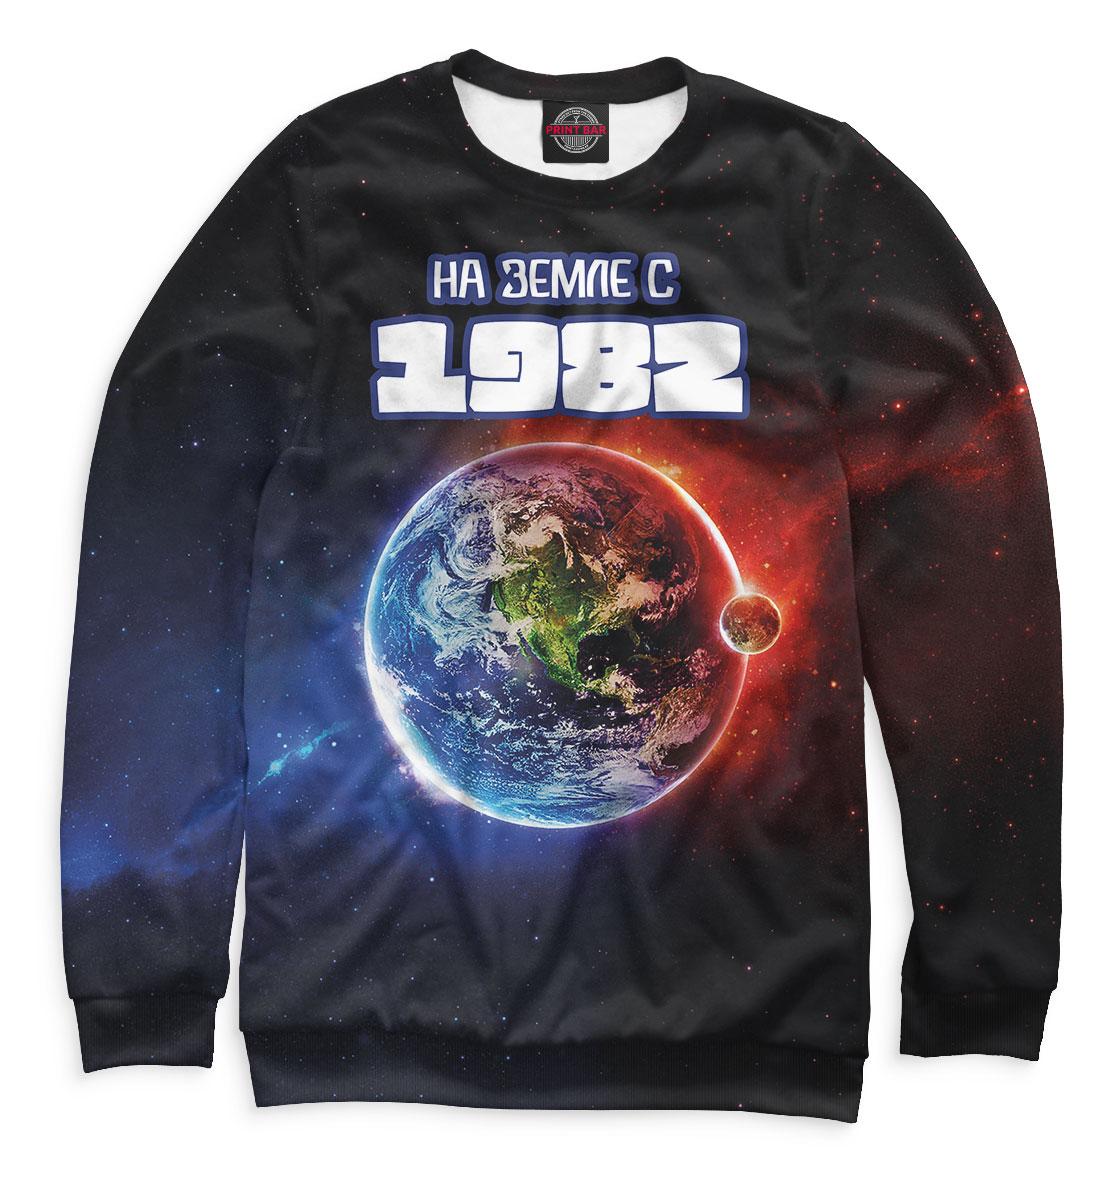 Купить На Земле с 1982, Printbar, Свитшоты, DVD-986196-swi-1